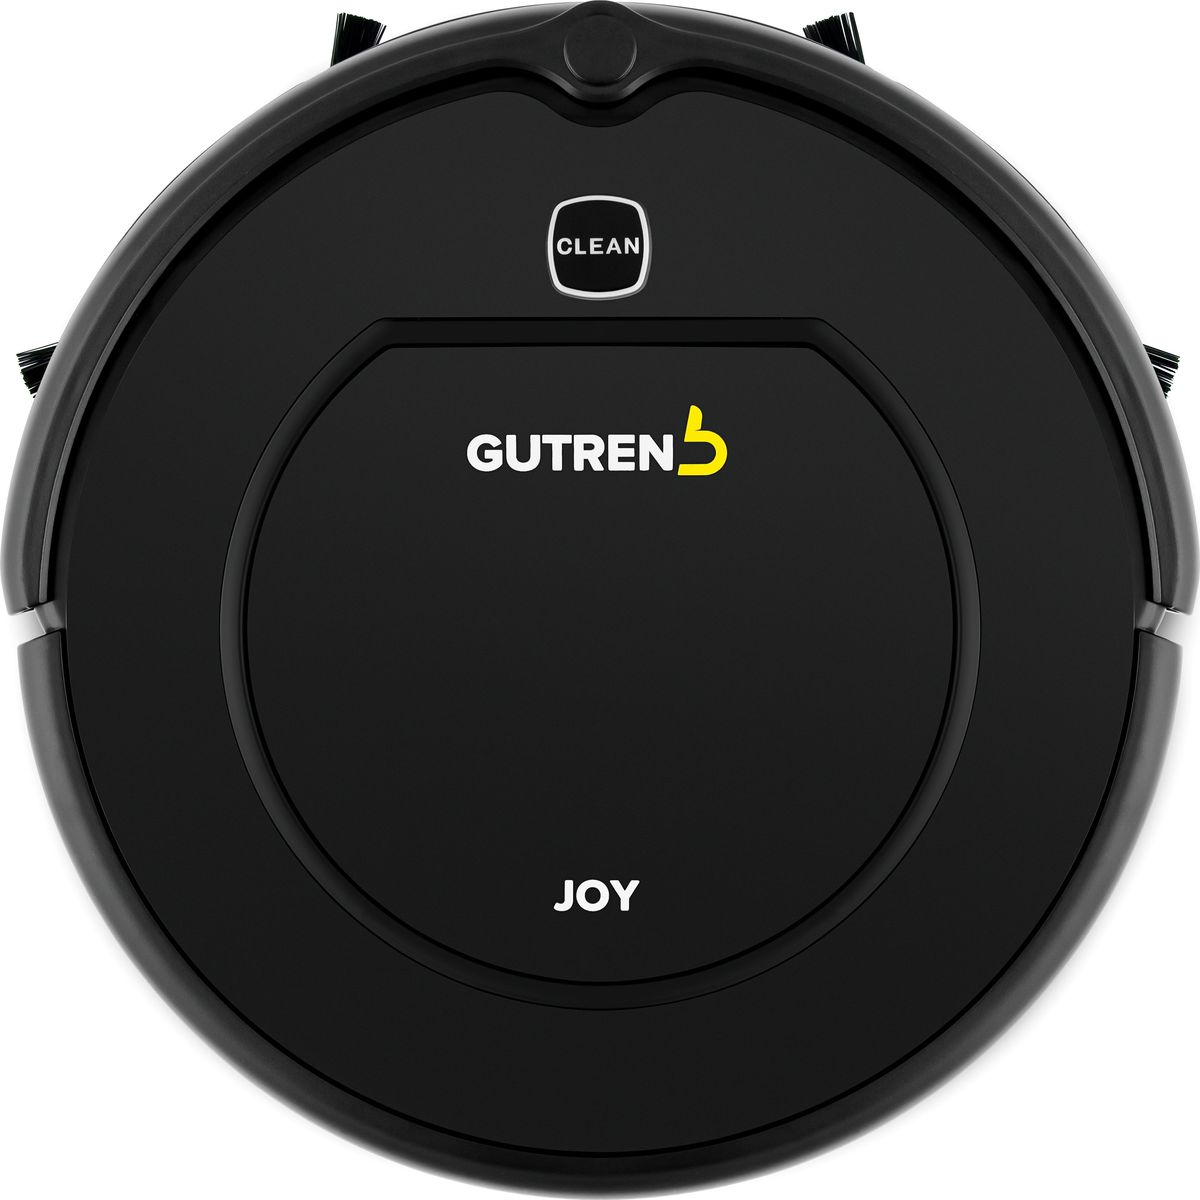 Gutrend Joy 95, Black робот-пылесосG95BРобот-пылесос Gutrend Joy 95 это обновление давно знакомой, ставшей бестселлером модели Joy 90.Сохранив все лучшее от предыдущей модели, производитель усилил новинку более мощным аккумулятором и обновил ПО до последней версии. Теперь ваш робот будет еще более производительным.Одна из ключевых особенностей данной модели – это максимальная простота в использовании. Вам не придется подолгу разбираться в настройках – все управление сводится к нажатию одной кнопки. Остальное робот сделает сам и вернется на базу для подзарядки.Робот-пылесос очень компактен (30 см в диаметре и 7,5 см в высоту) имеет небольшой вес (1,8 кг), что обеспечивает отличную проходимость и маневренность. Литий-ионный аккумулятор повышенной емкости (2600 mAh) позволяет роботу убирать помещения общей площадью 120 м2 непрерывно в течение 110 мин.Данная модель имеет вместительный пылесборник (0.6 л), что позволяет намного реже обслуживать робота. Пылесборник предусматривает две ступени фильтрации: сетчатый фильтр для крупного мусора и HEPA-фильтр для удержания мельчайших частиц пыли. Воздух в квартире останется чистым! Gutrend Joy 95 отличается низким уровнем шума, который не превышает 50 дБ.Важным преимуществом семейства Joy 95 является принцип открытой архитектуры. Такой подход позволит вам улучшить возможности робота-пылесоса необходимыми именно вам функциями, не переплачивая за избыточные потребительские свойства.Емкость аккумулятора: 2600 мАчВремя зарядки: 300 минутПреодолимая высота: 12 ммКак выбрать робот-пылесос. Статья OZON Гид